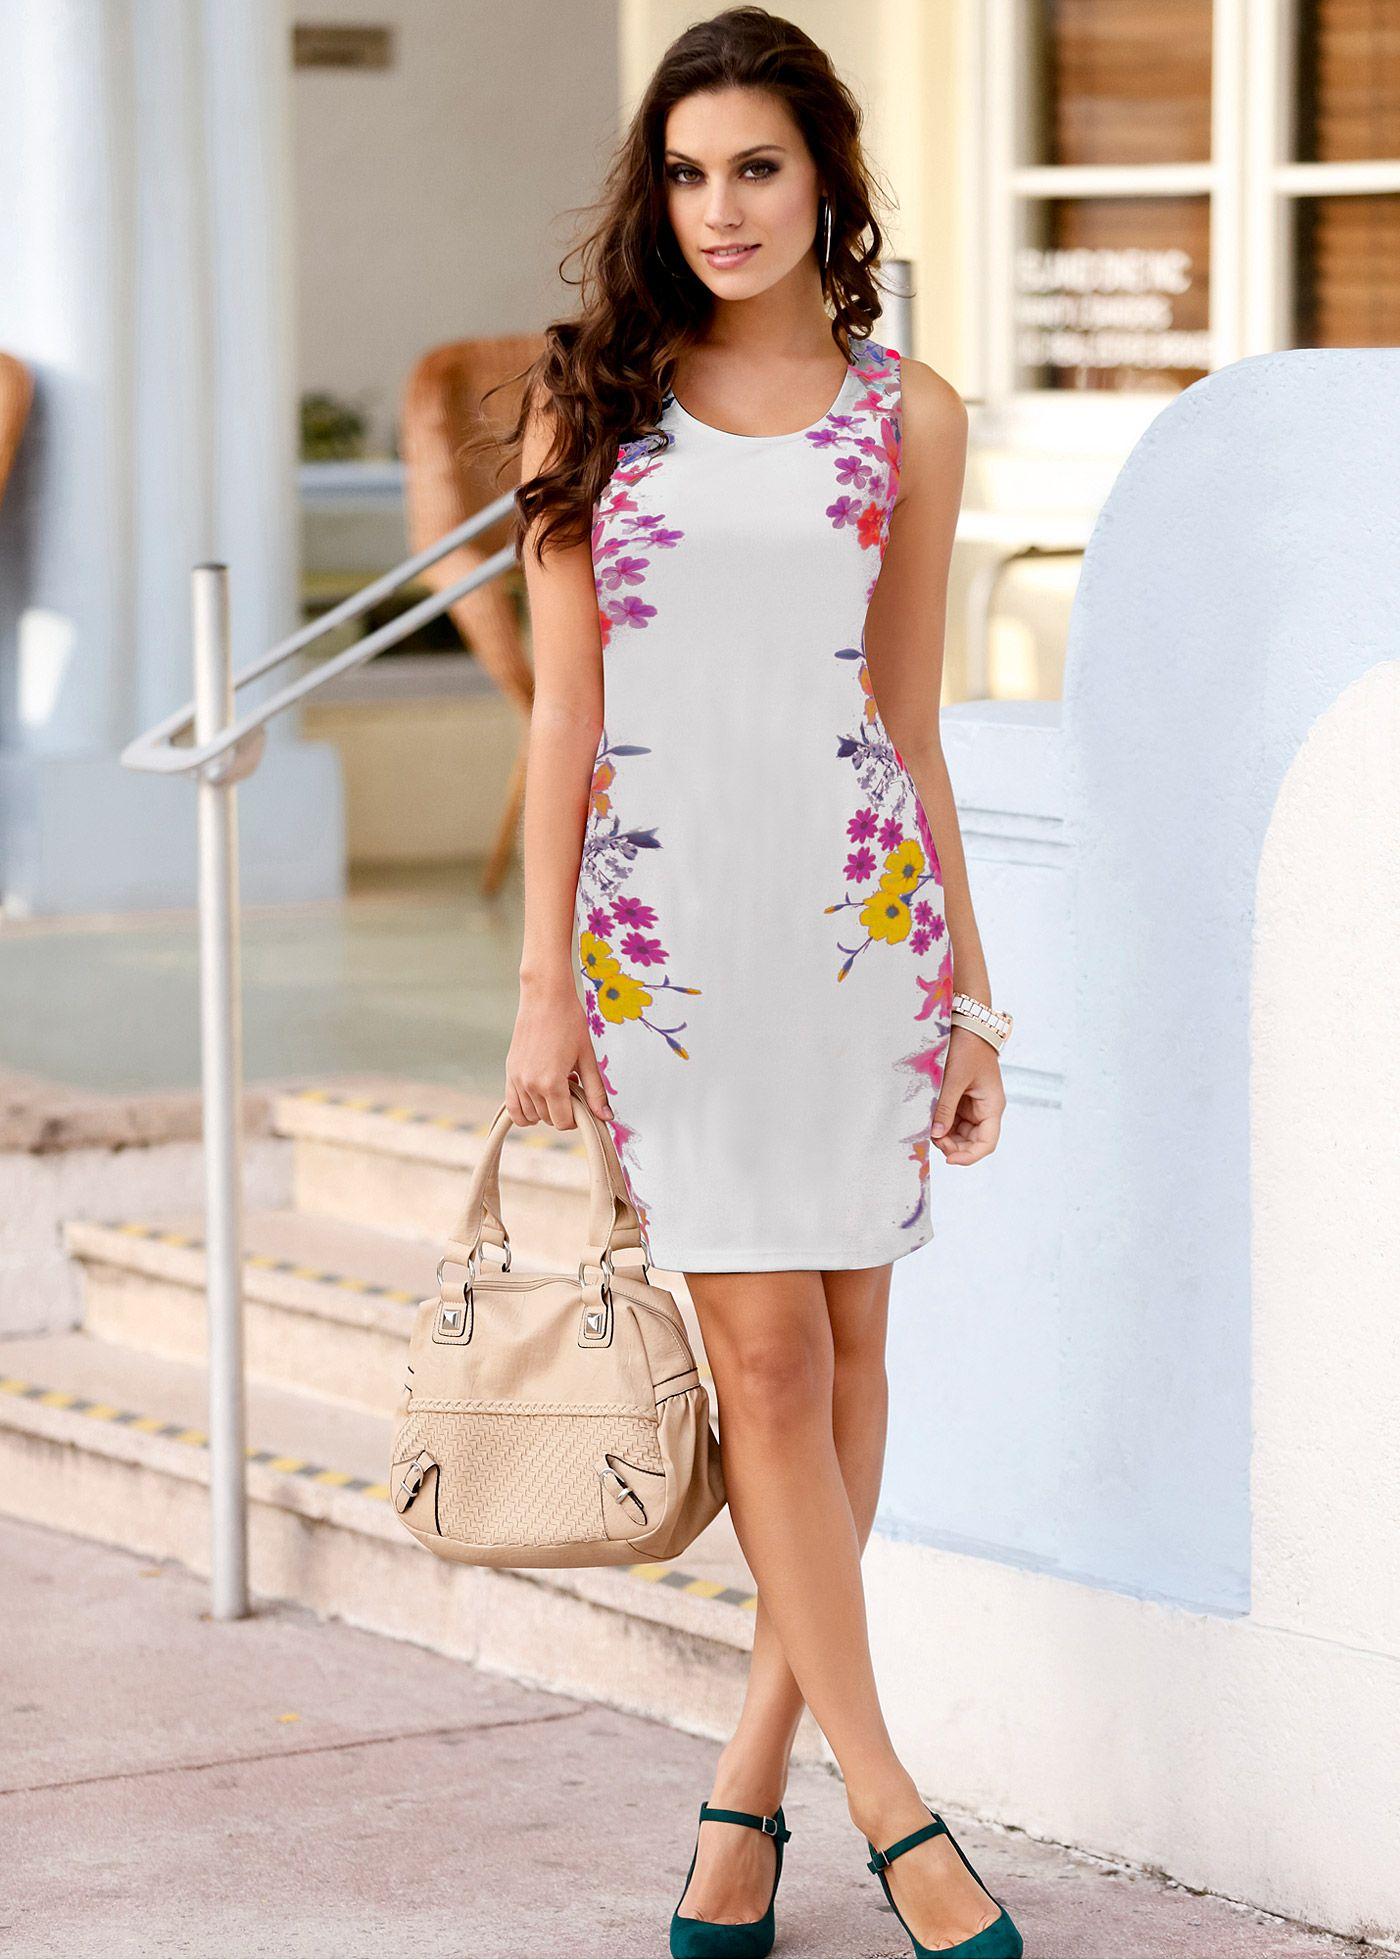 323c217929 Vestido tubinho com estampa floral | vestidos femininos | Vestidos ...